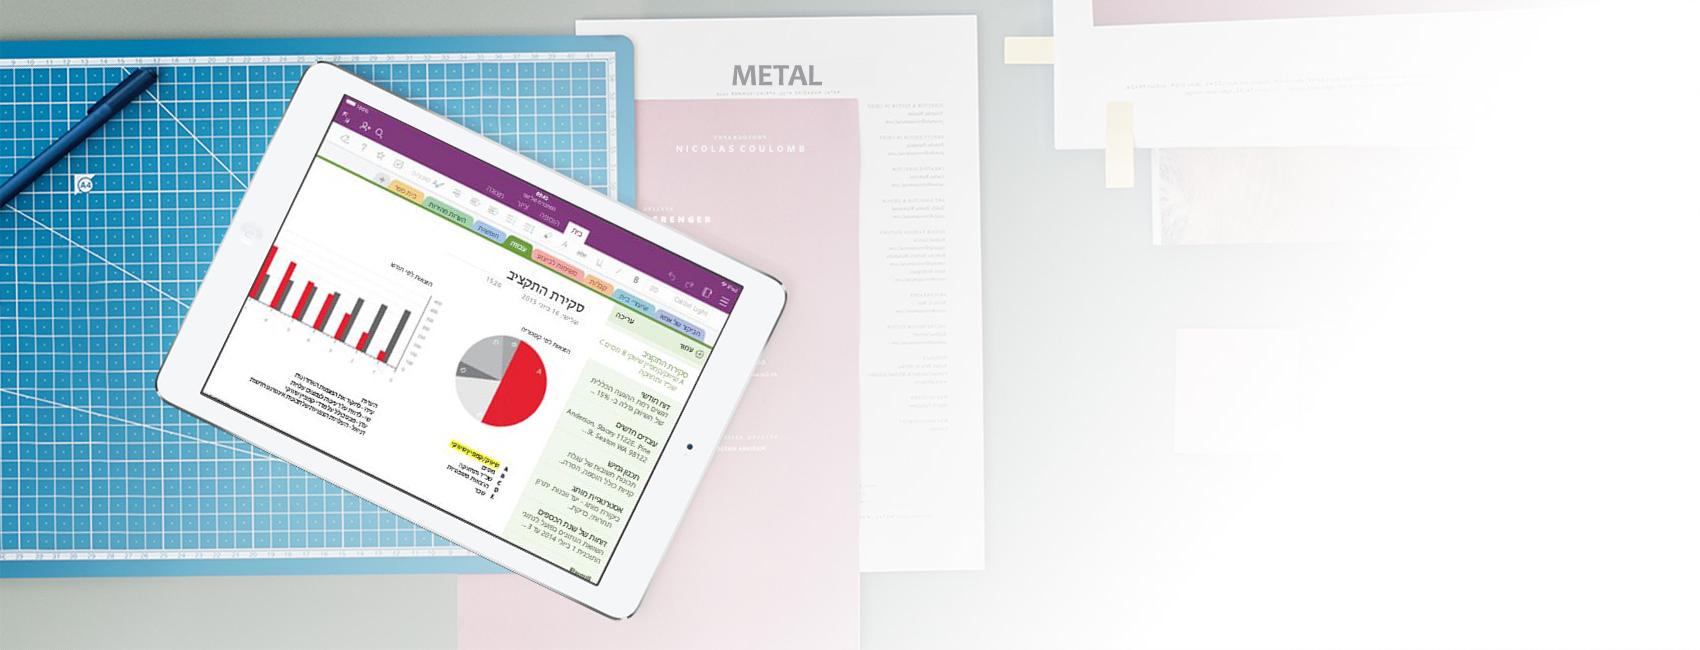 iPad המציג מחברת OneNote עם תרשימים וגרף של סקירת תקציב